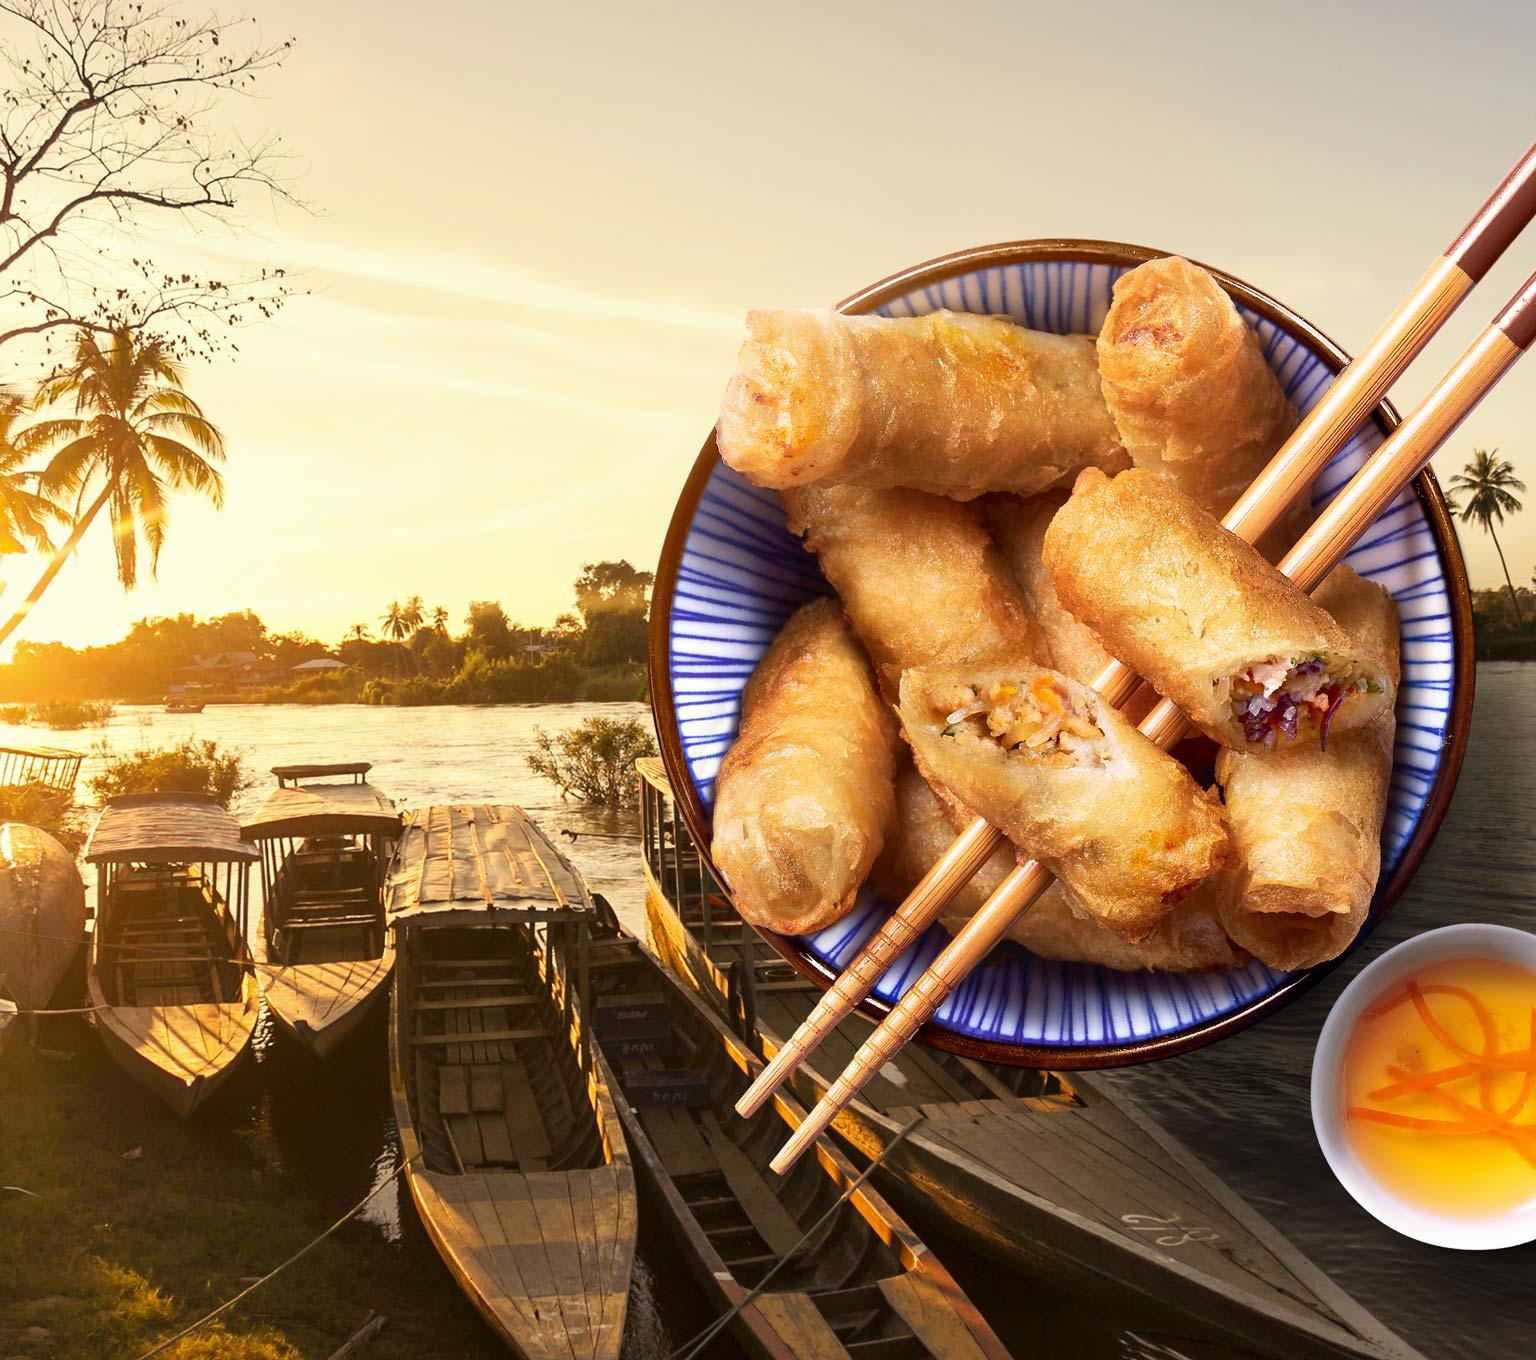 Déjeunez sur les rives du Mékong avec la Maison Thiriet !